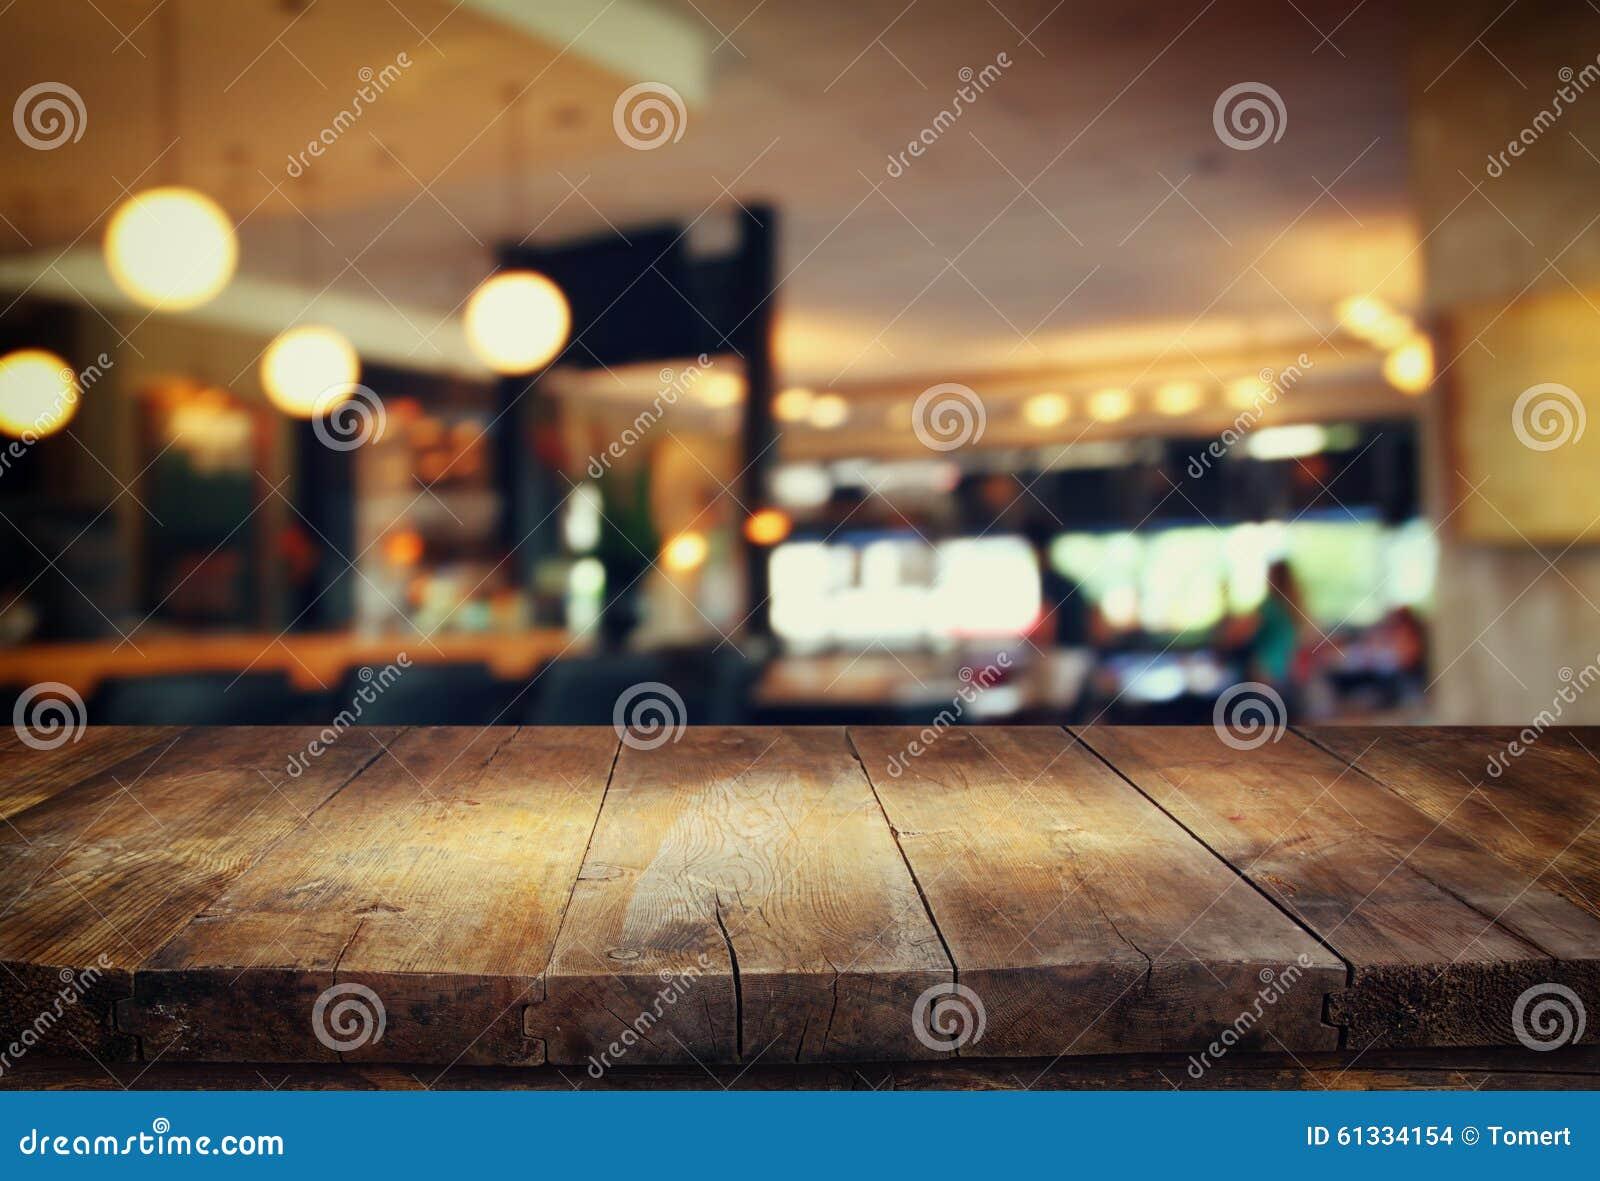 L image de la table en bois devant le résumé a brouillé le fond des lumières de restaurant